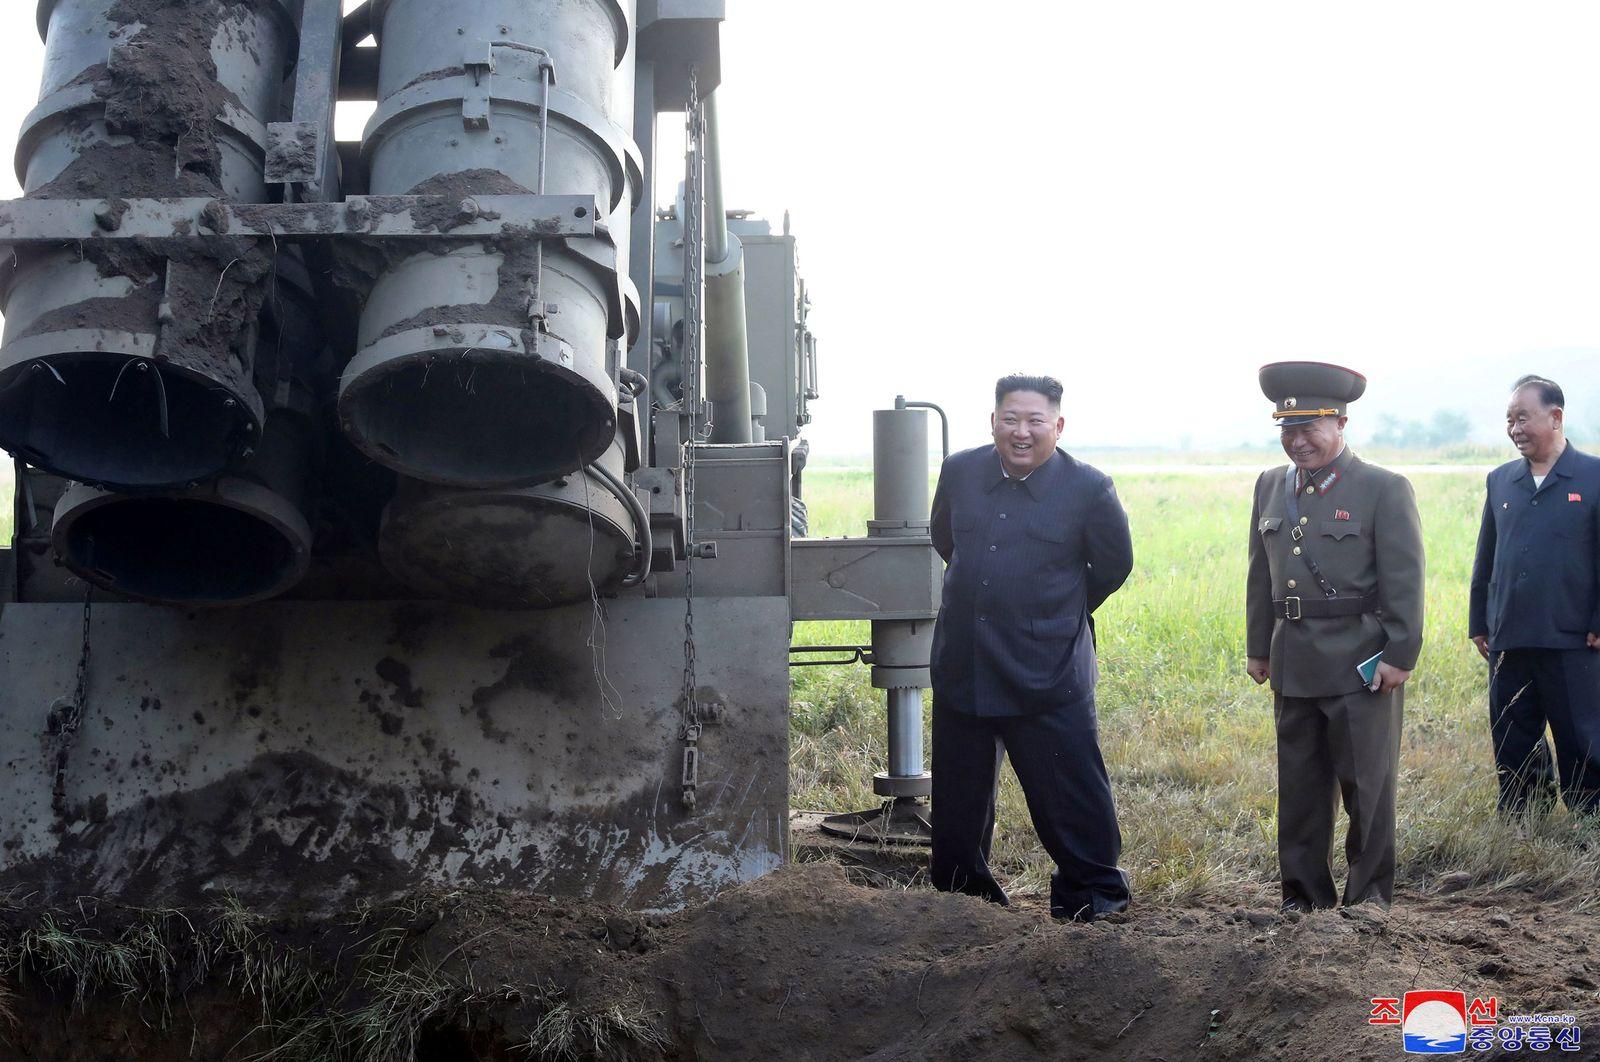 Kim Rakete Nordkorea